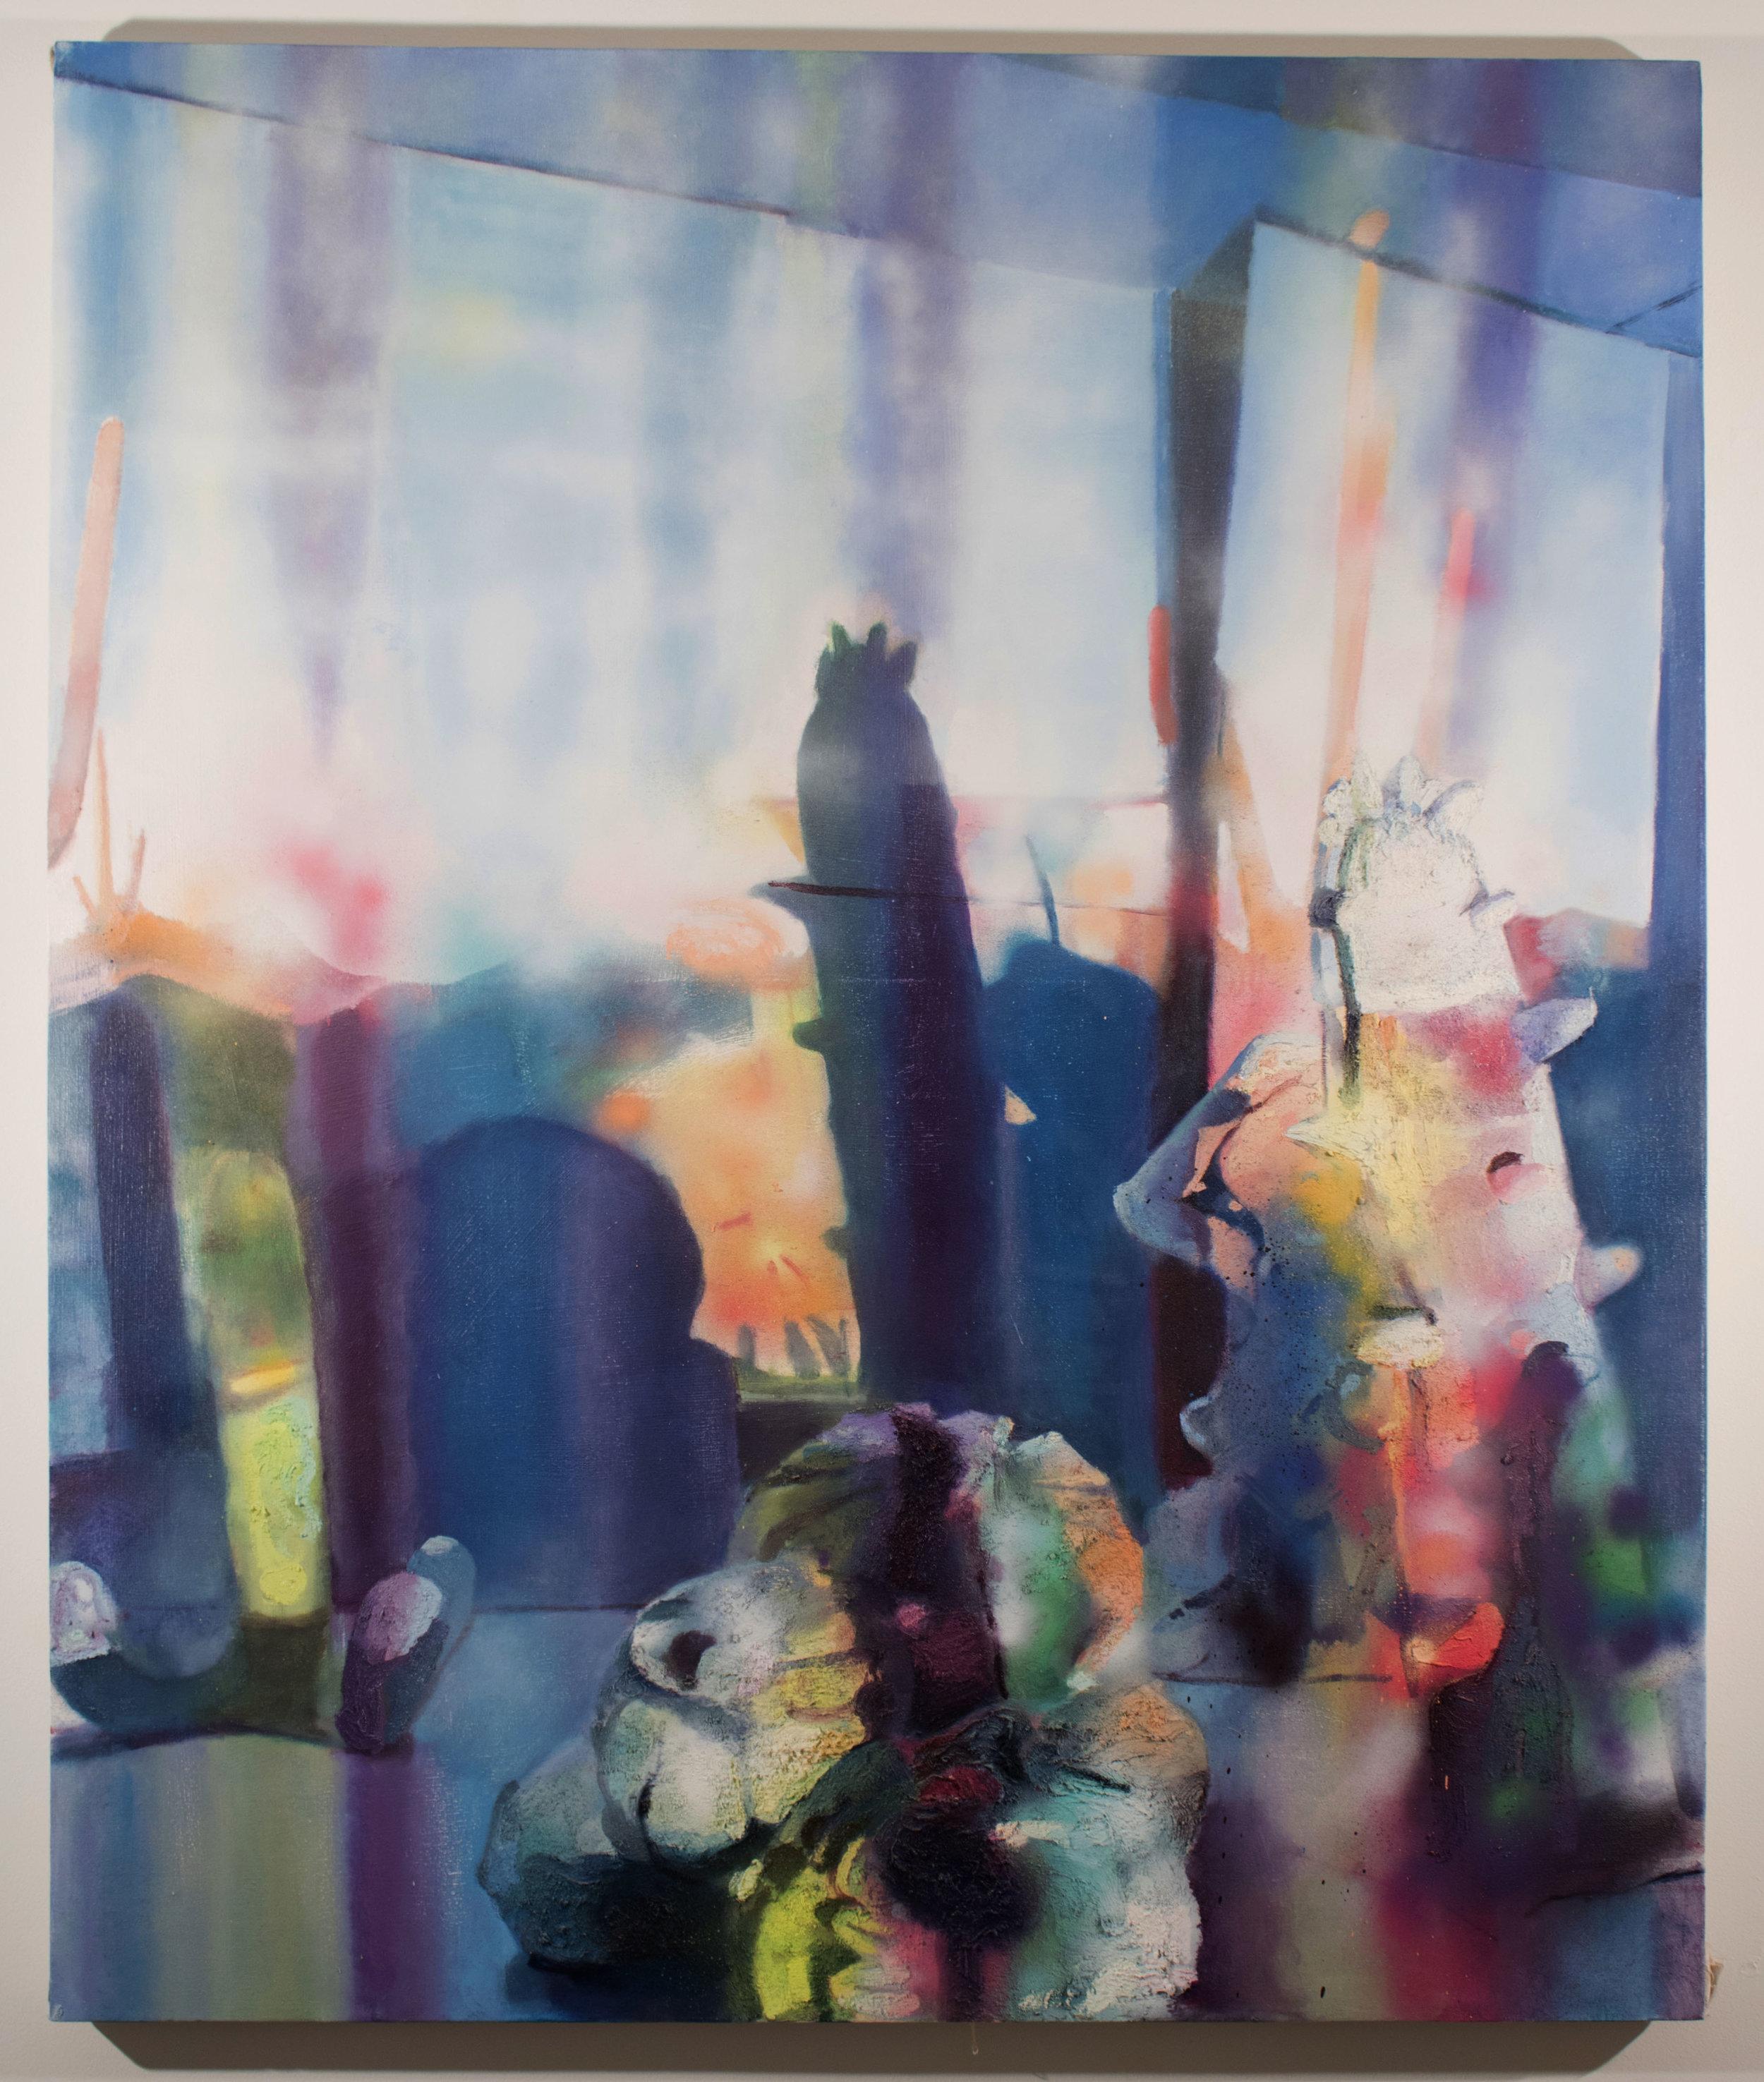 Vertigo,  2018, Oil and spray paint on canvas, 48 x 60 in